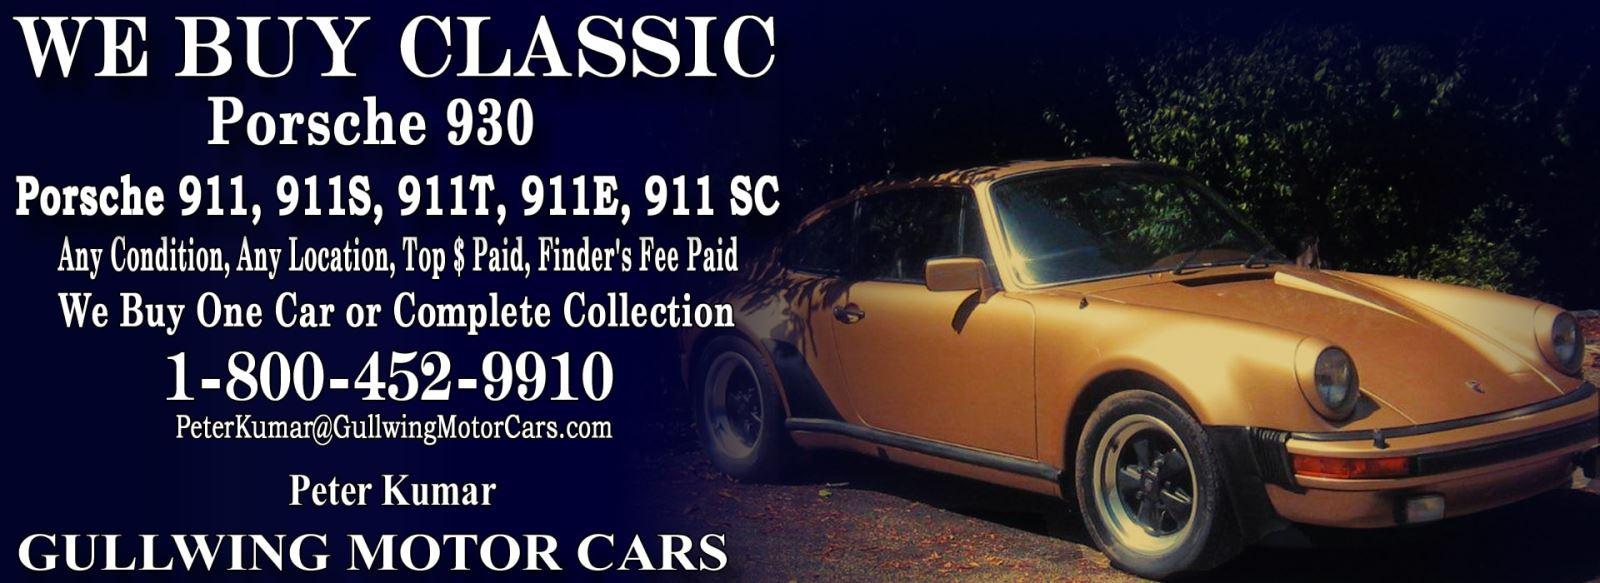 Classic Porsche 930 for sale, we buy vintage Porsche 930. Call Peter Kumar. Gullwing Motor